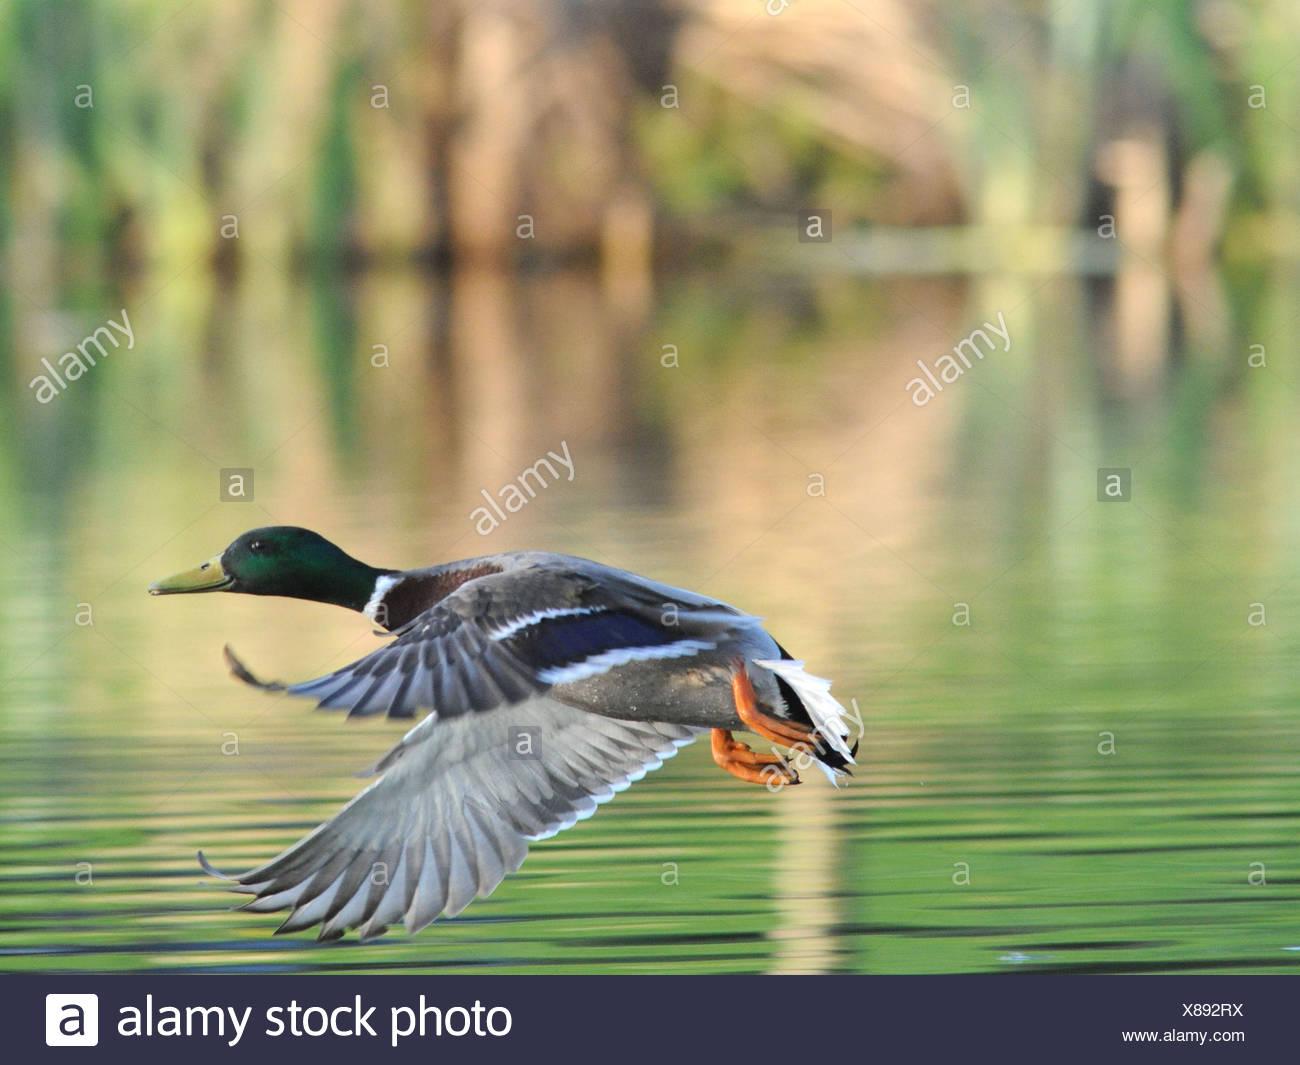 Un maschio di germano reale in volo sopra l'acqua. Immagini Stock